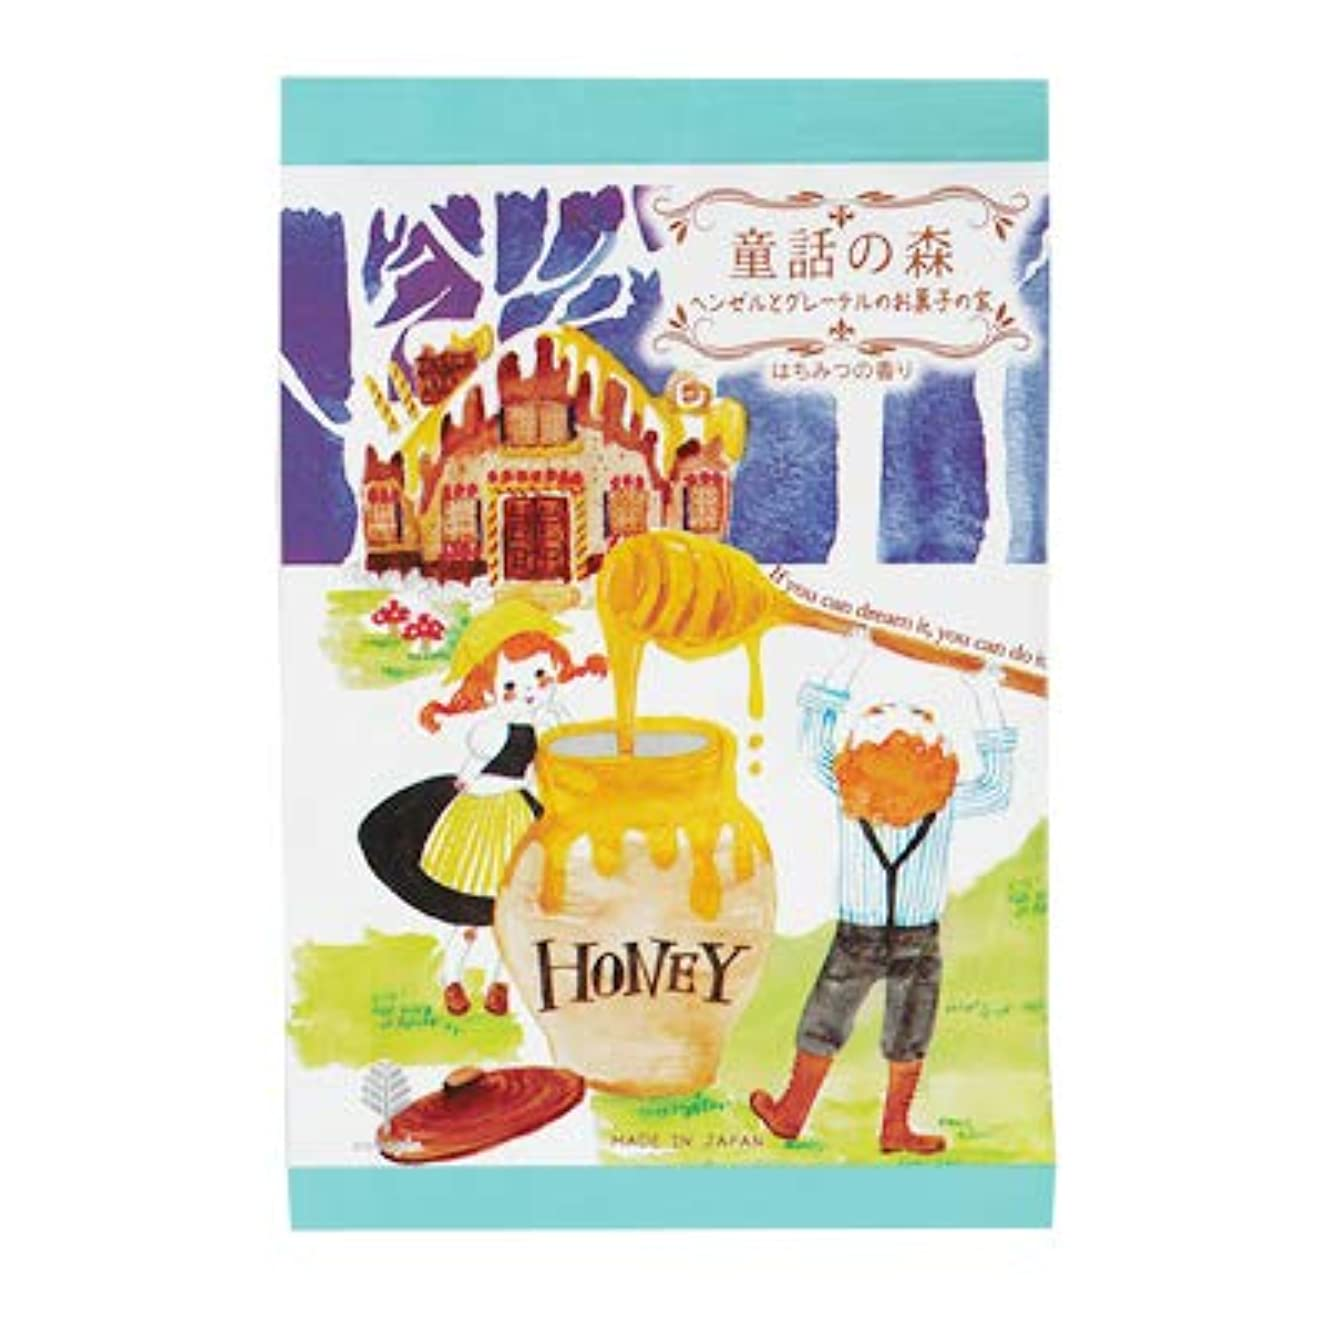 センチメートル第五音声学【まとめ買い6個セット】 童話の森 ヘンゼルとグレーテルのお菓子の家